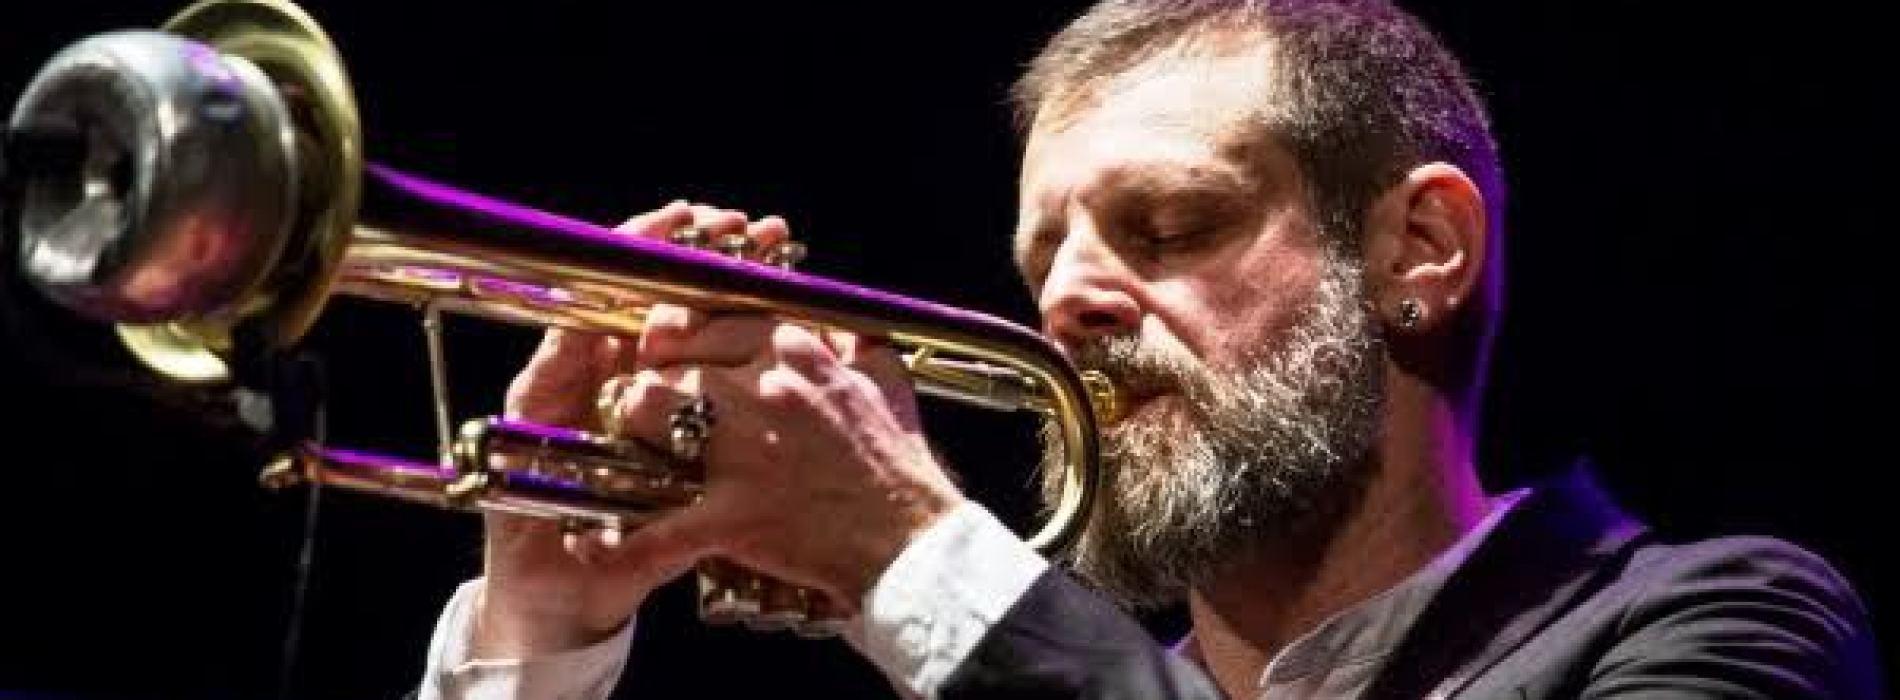 Fabrizio Bosso al Moro, uno squillo di tromba all'Epifania